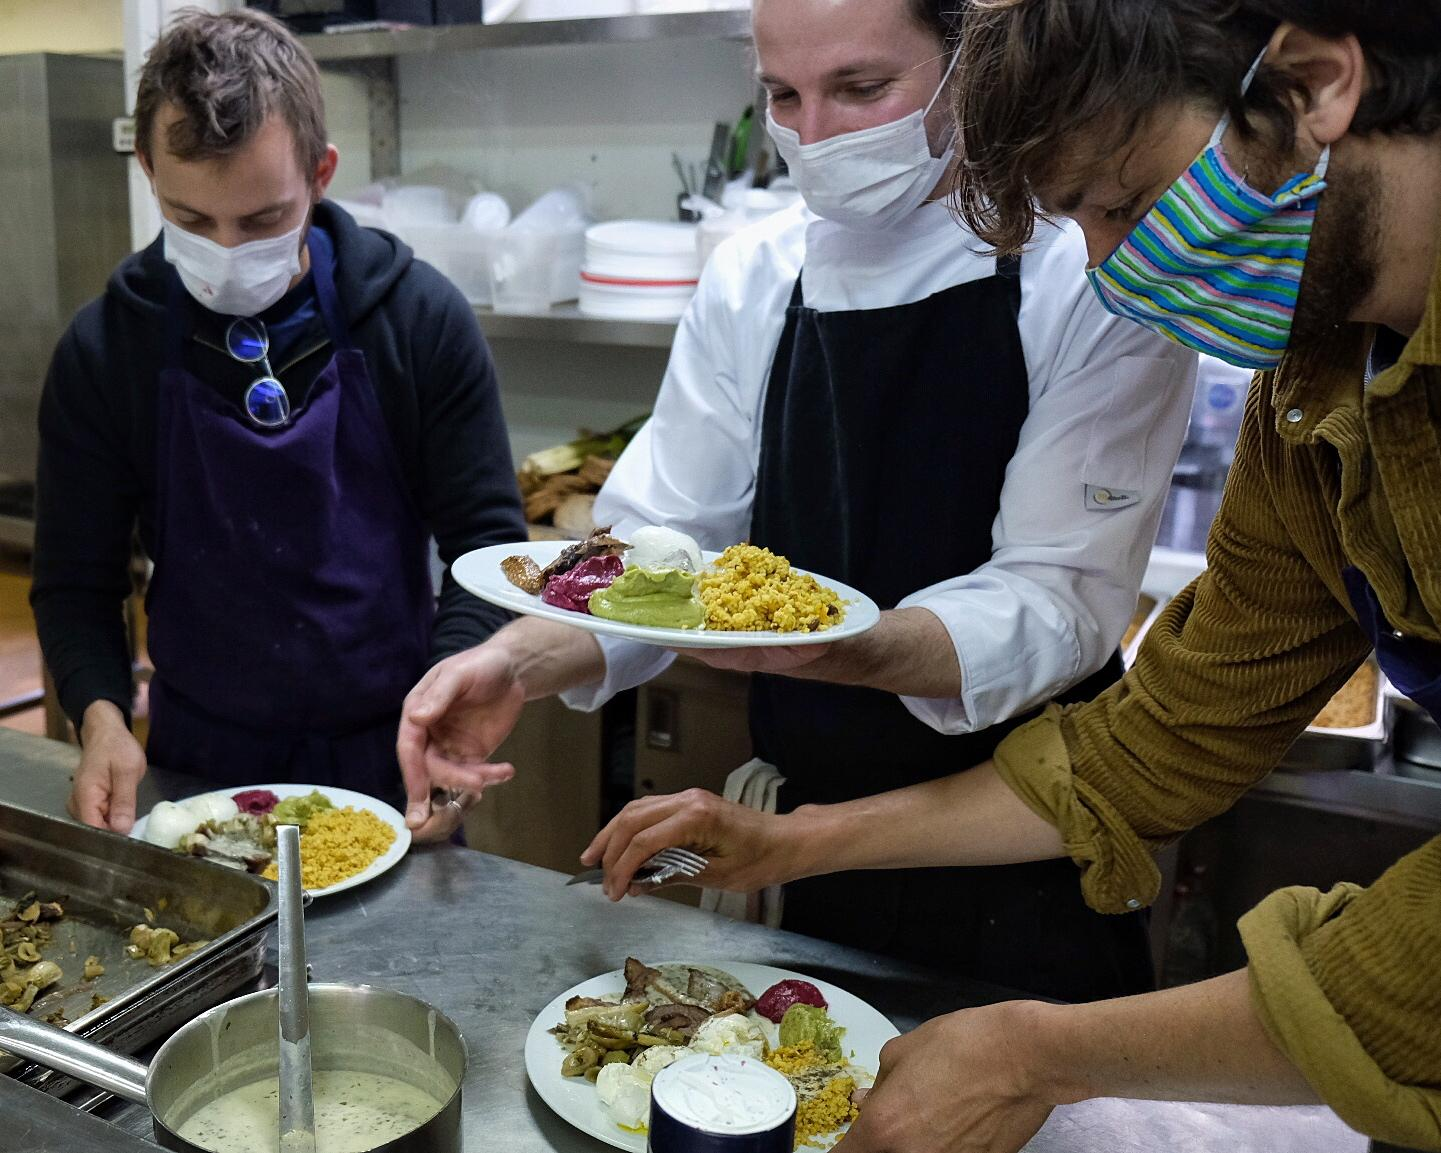 COVID19 – Aide aux distributions alimentaires : secourir malgré la crise sanitaire